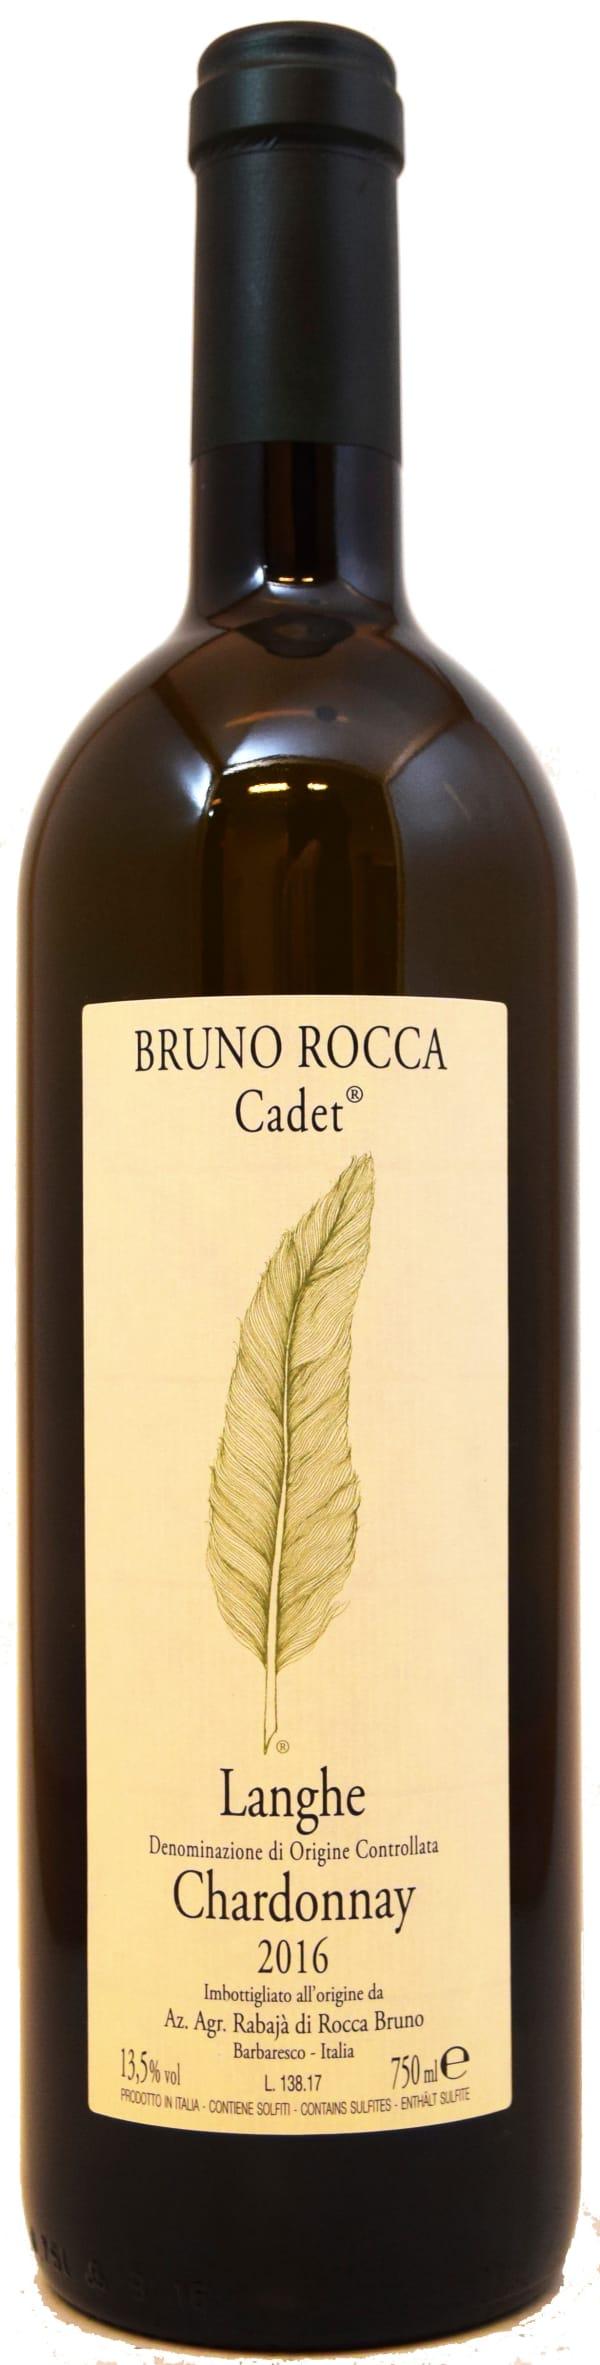 Bruno Rocca Cadet Chardonnay 2019